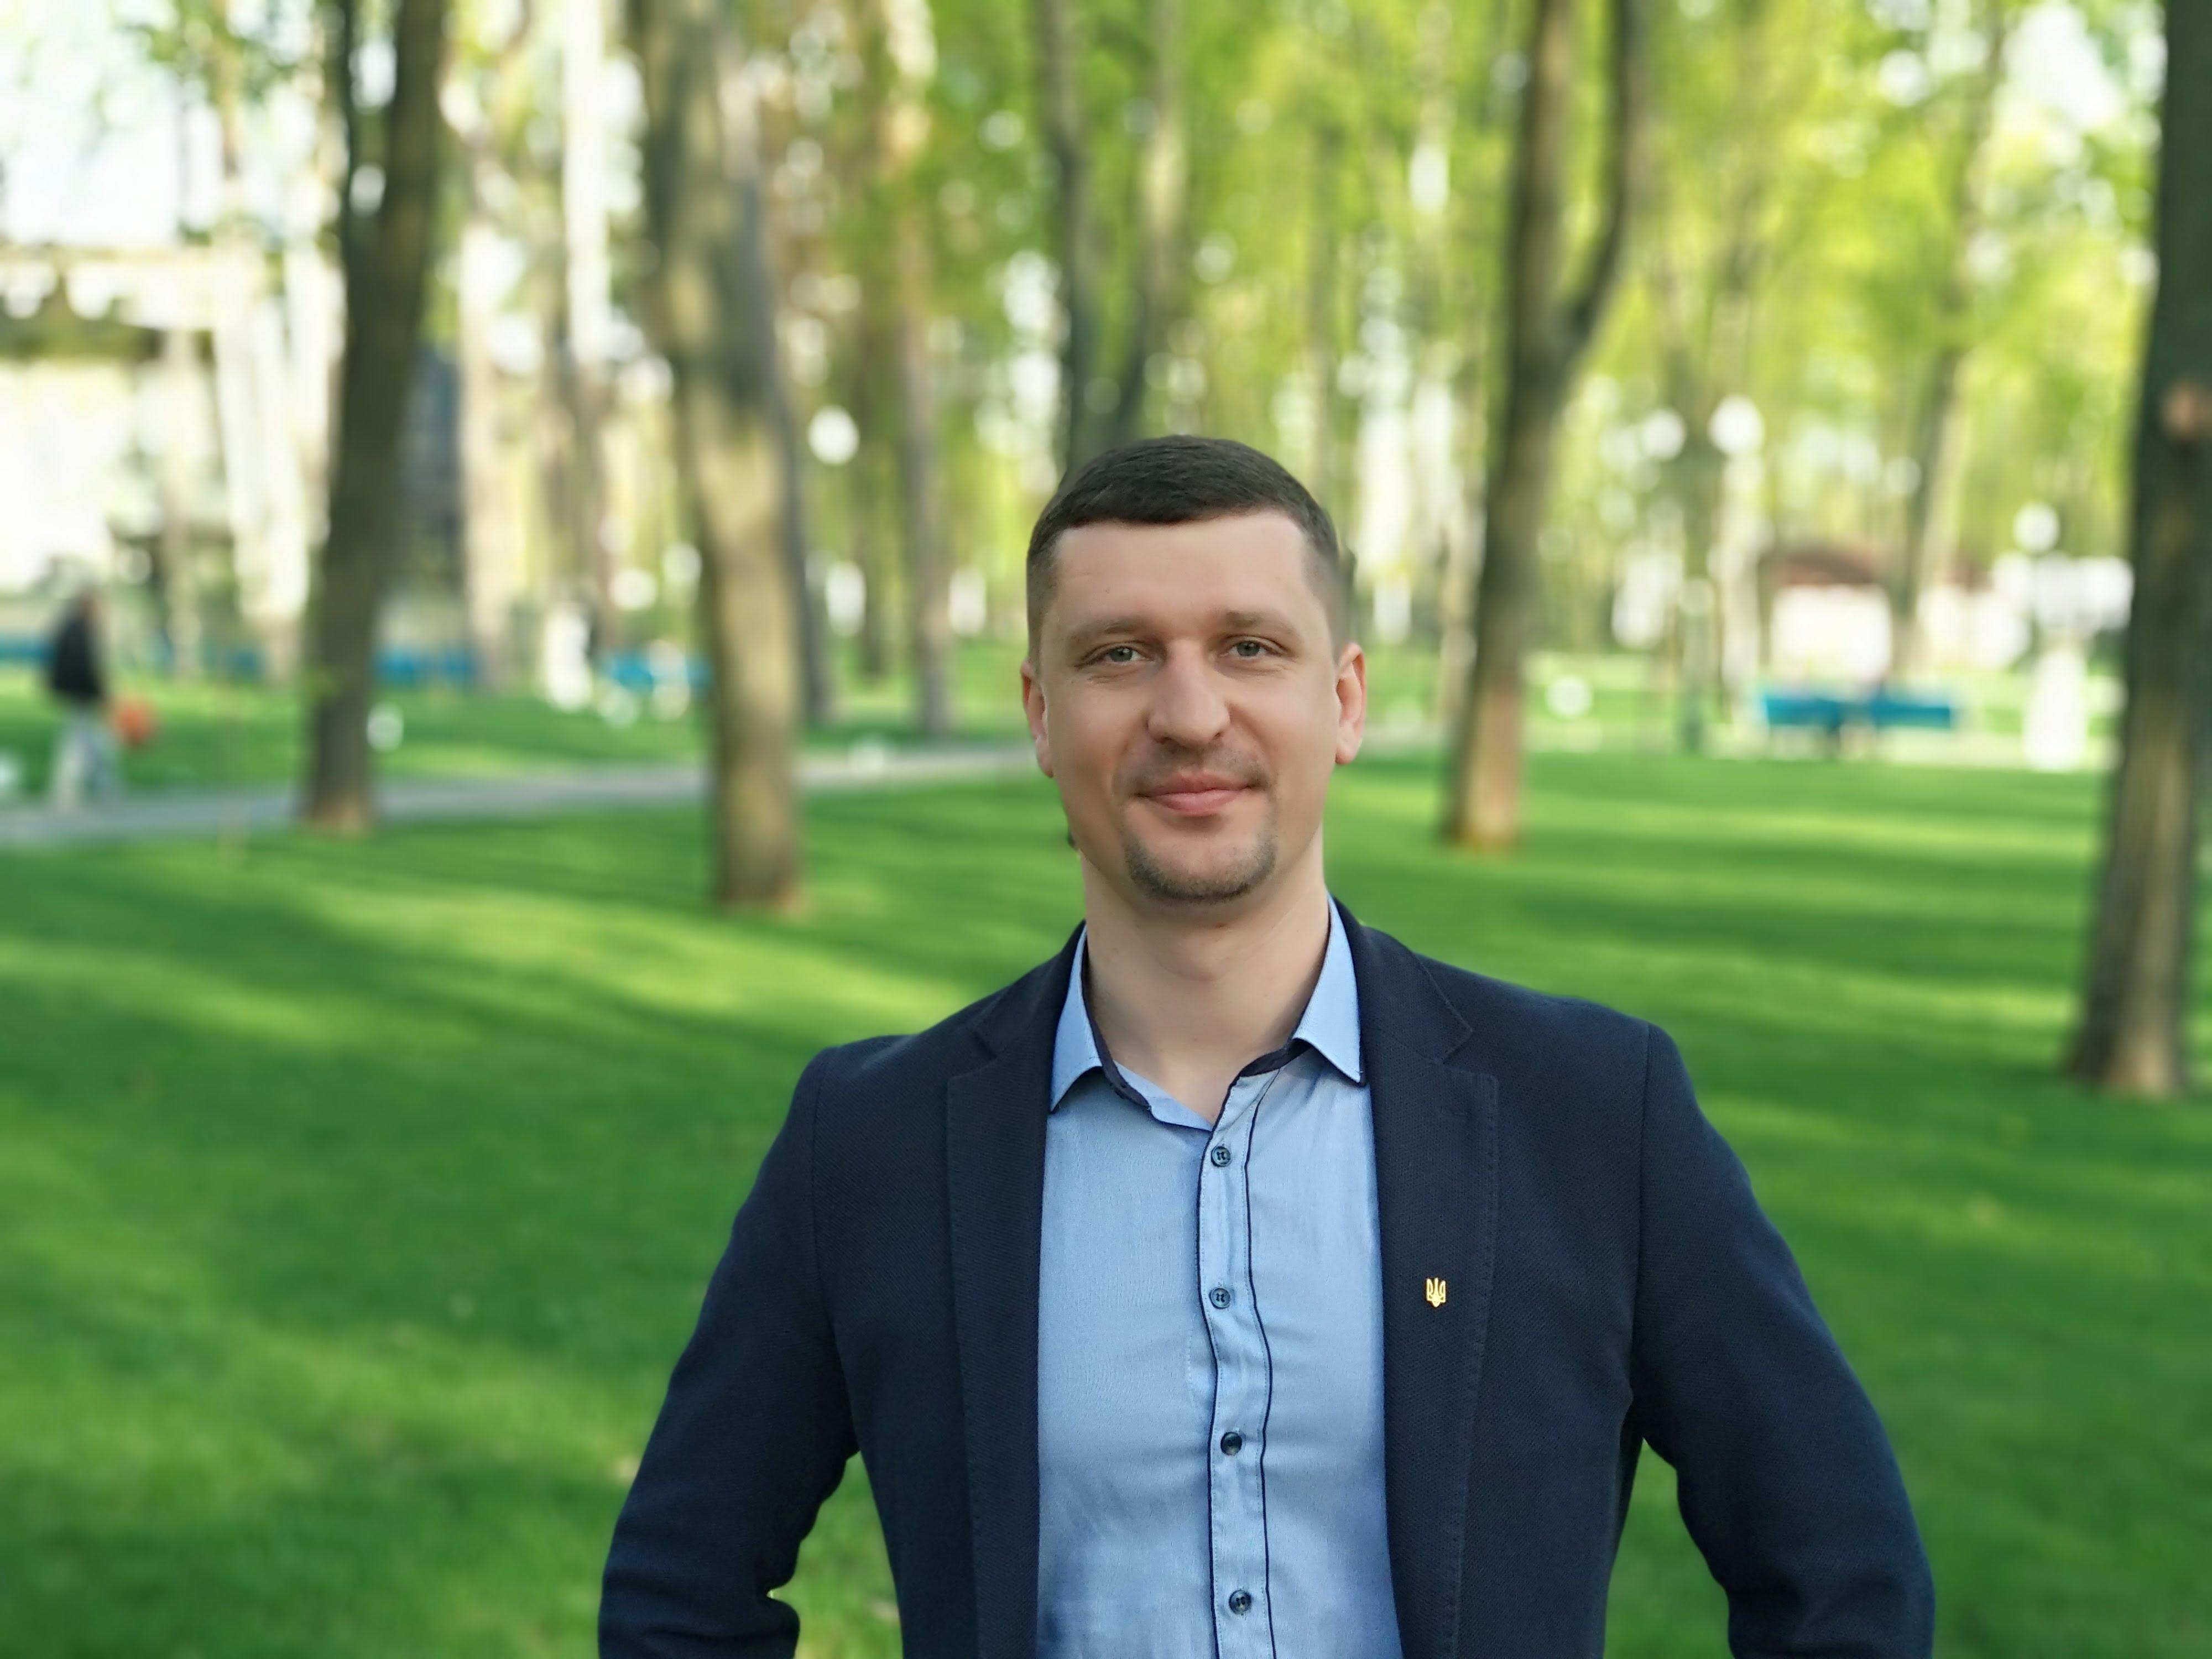 Eugene_Steblin IT Ambassadors: путь девелопера Украина-Польша-Украина